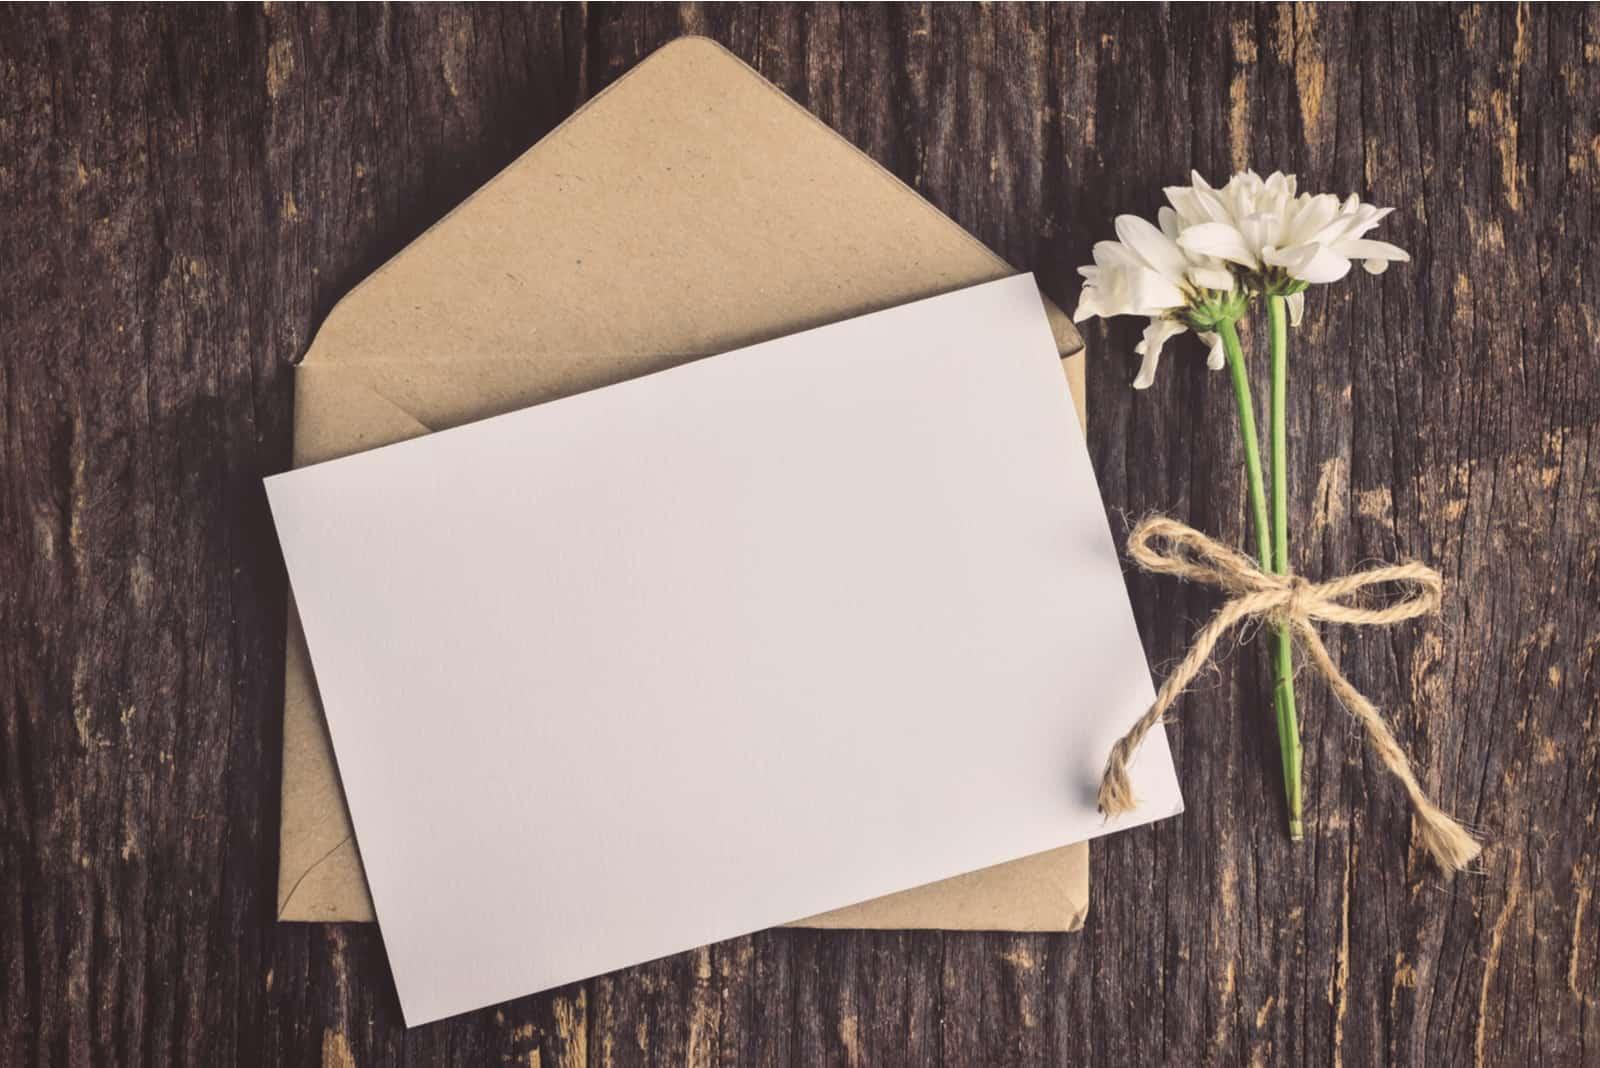 Leere weiße Grußkarte mit braunem Umschlag